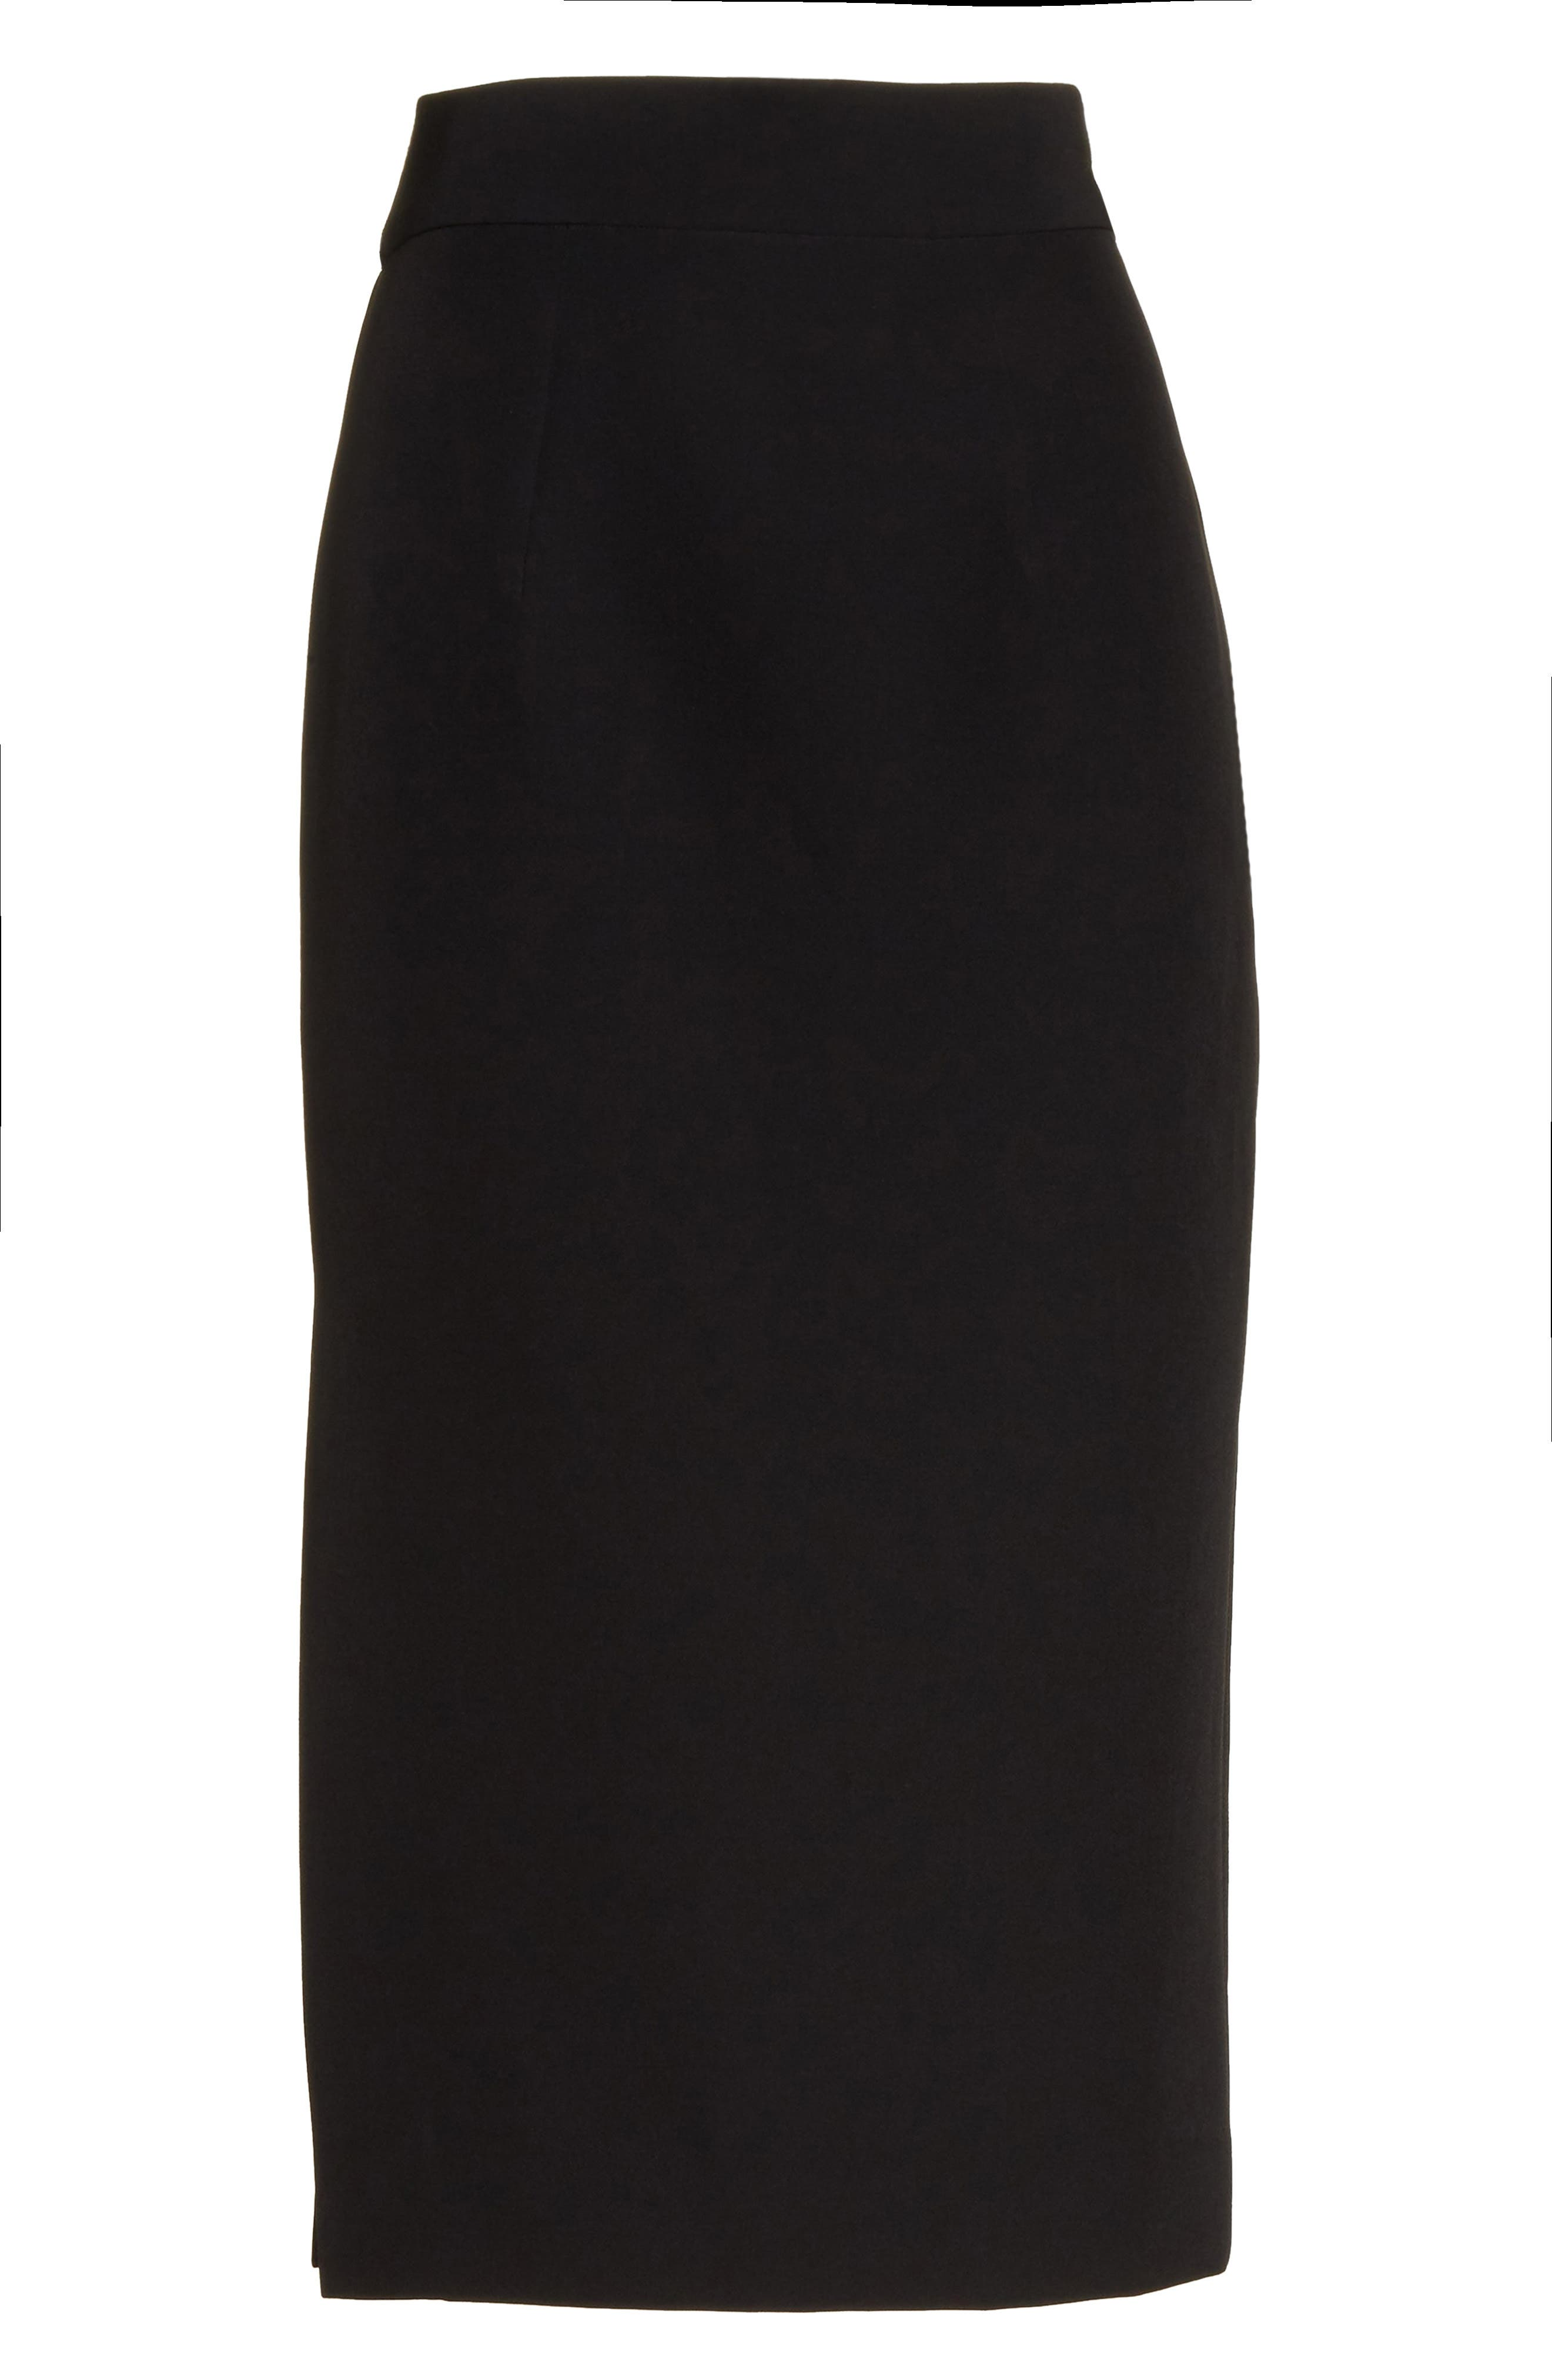 Italian Cady Side Slit Skirt,                             Alternate thumbnail 6, color,                             001